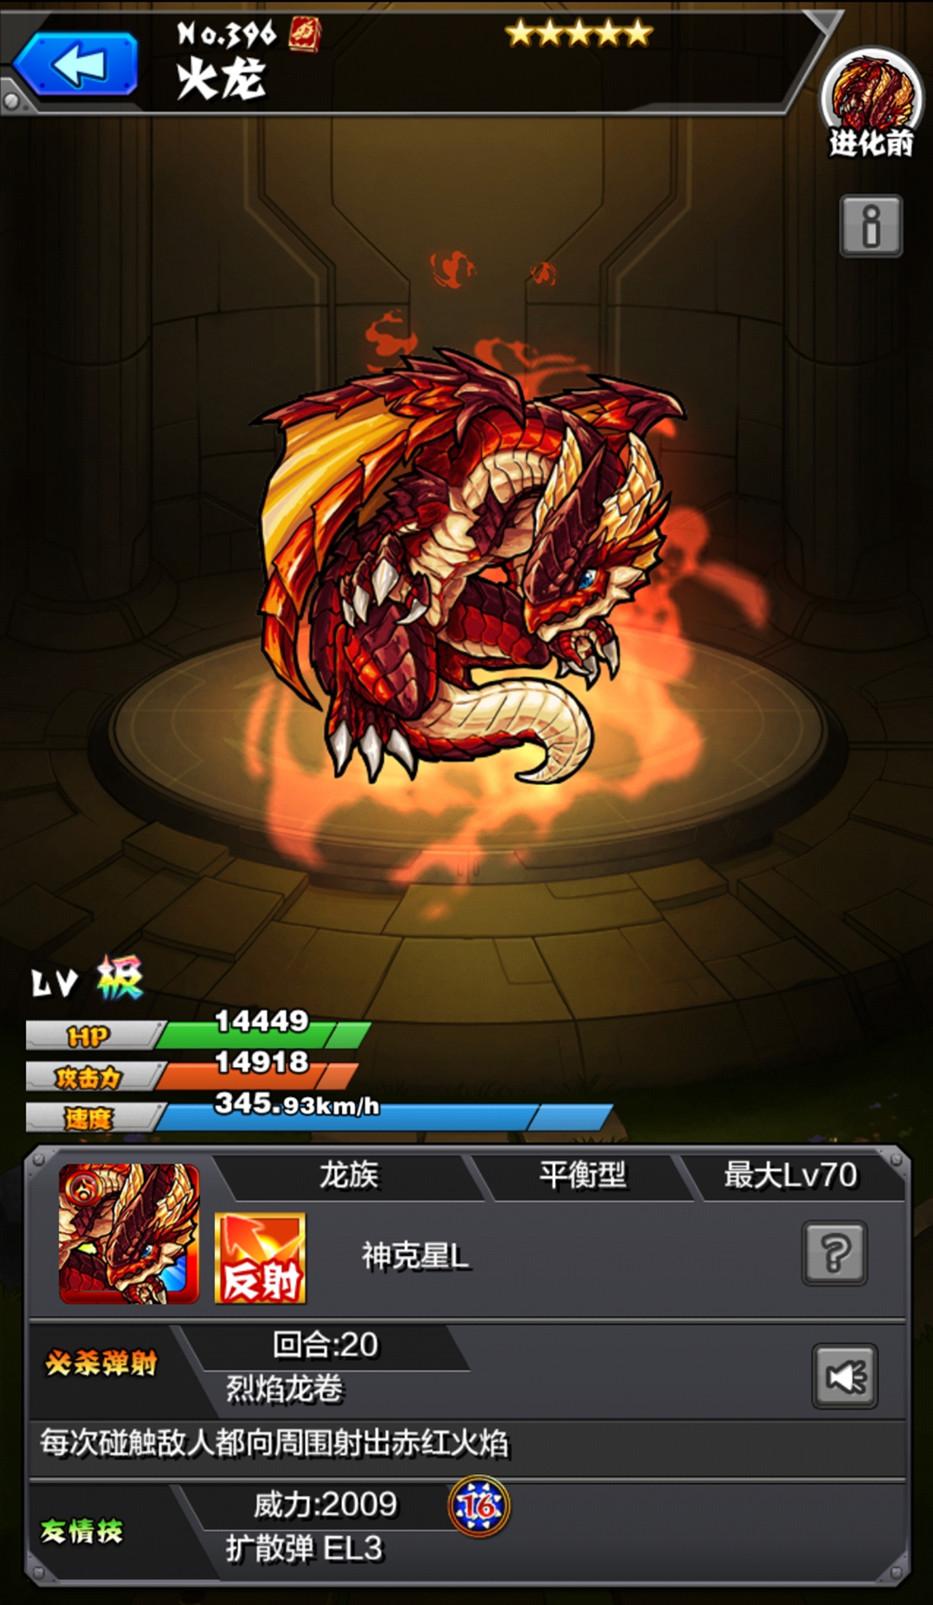 <b>怪物弹珠火龙三个阶段能力一览 火龙能力和特色介绍</b>